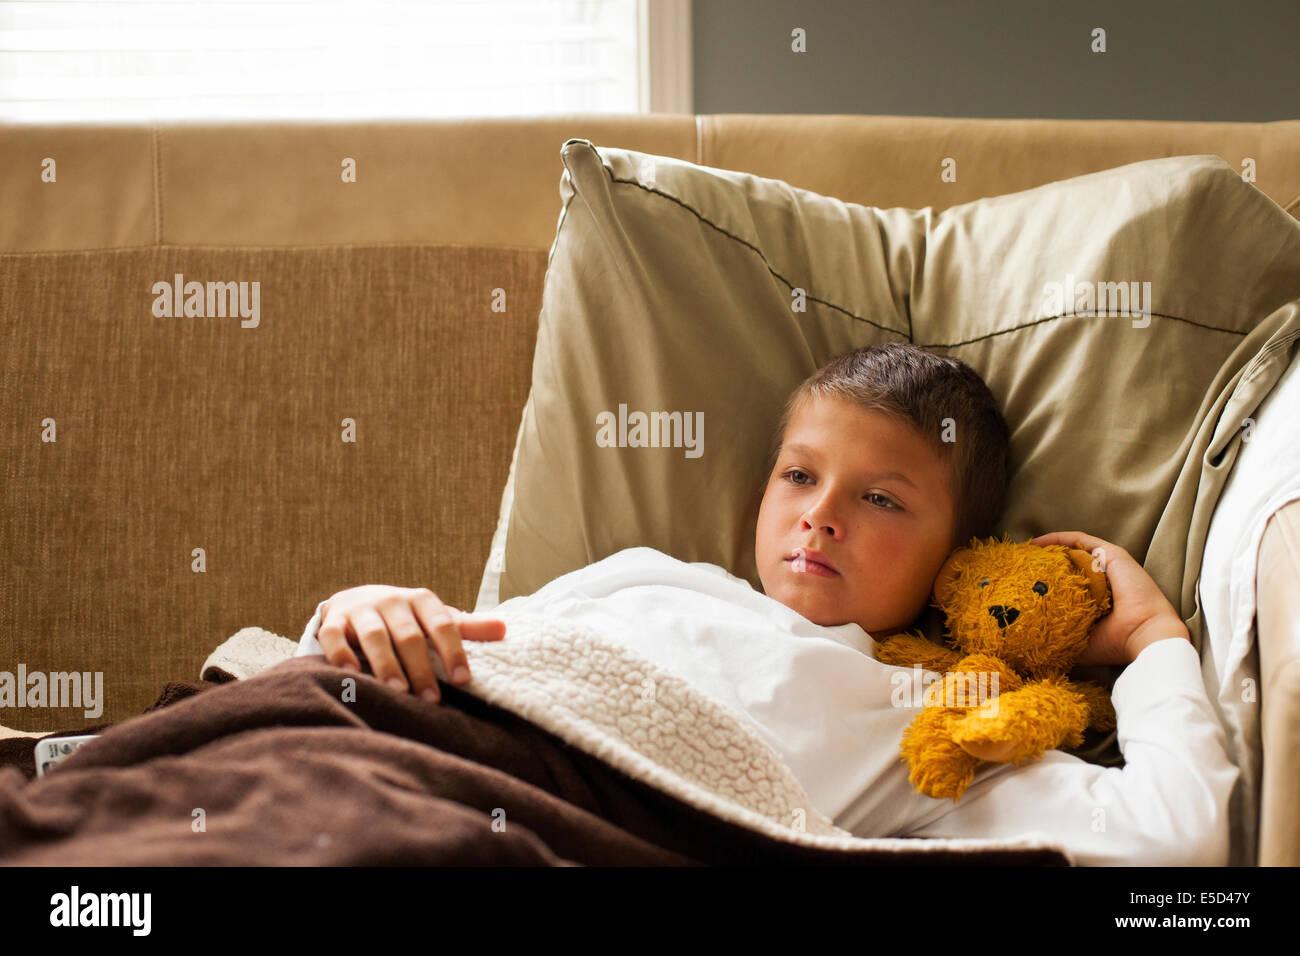 feeling cold blanket stockfotos feeling cold blanket bilder alamy. Black Bedroom Furniture Sets. Home Design Ideas